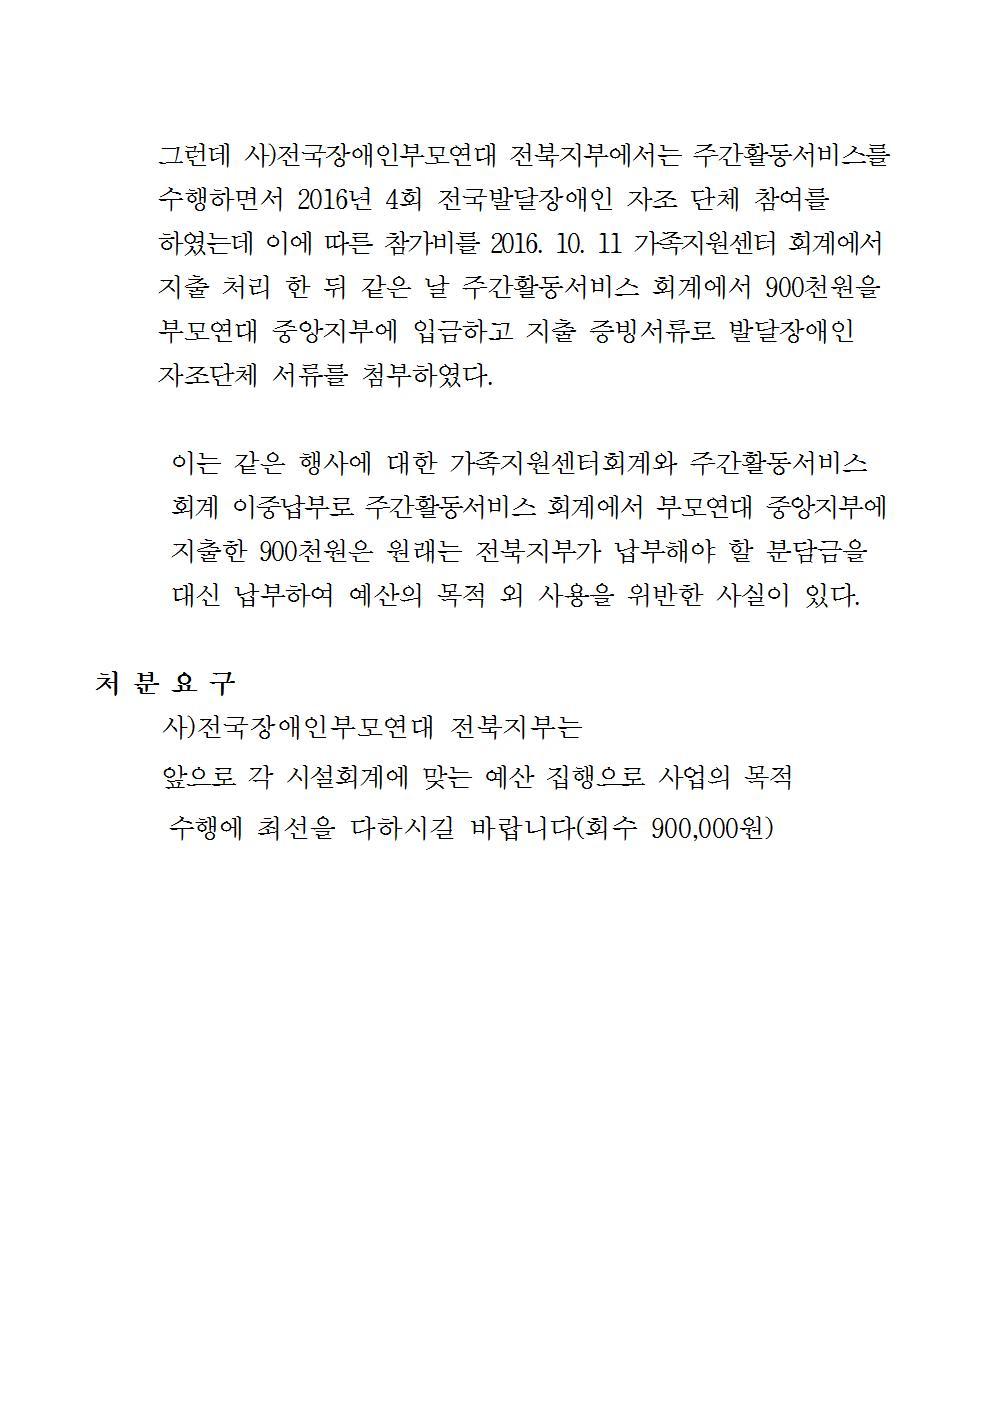 붙임) 처분요구서_전주시 생활복지과-37898(2017.9.1)호(공개용)002.jpg